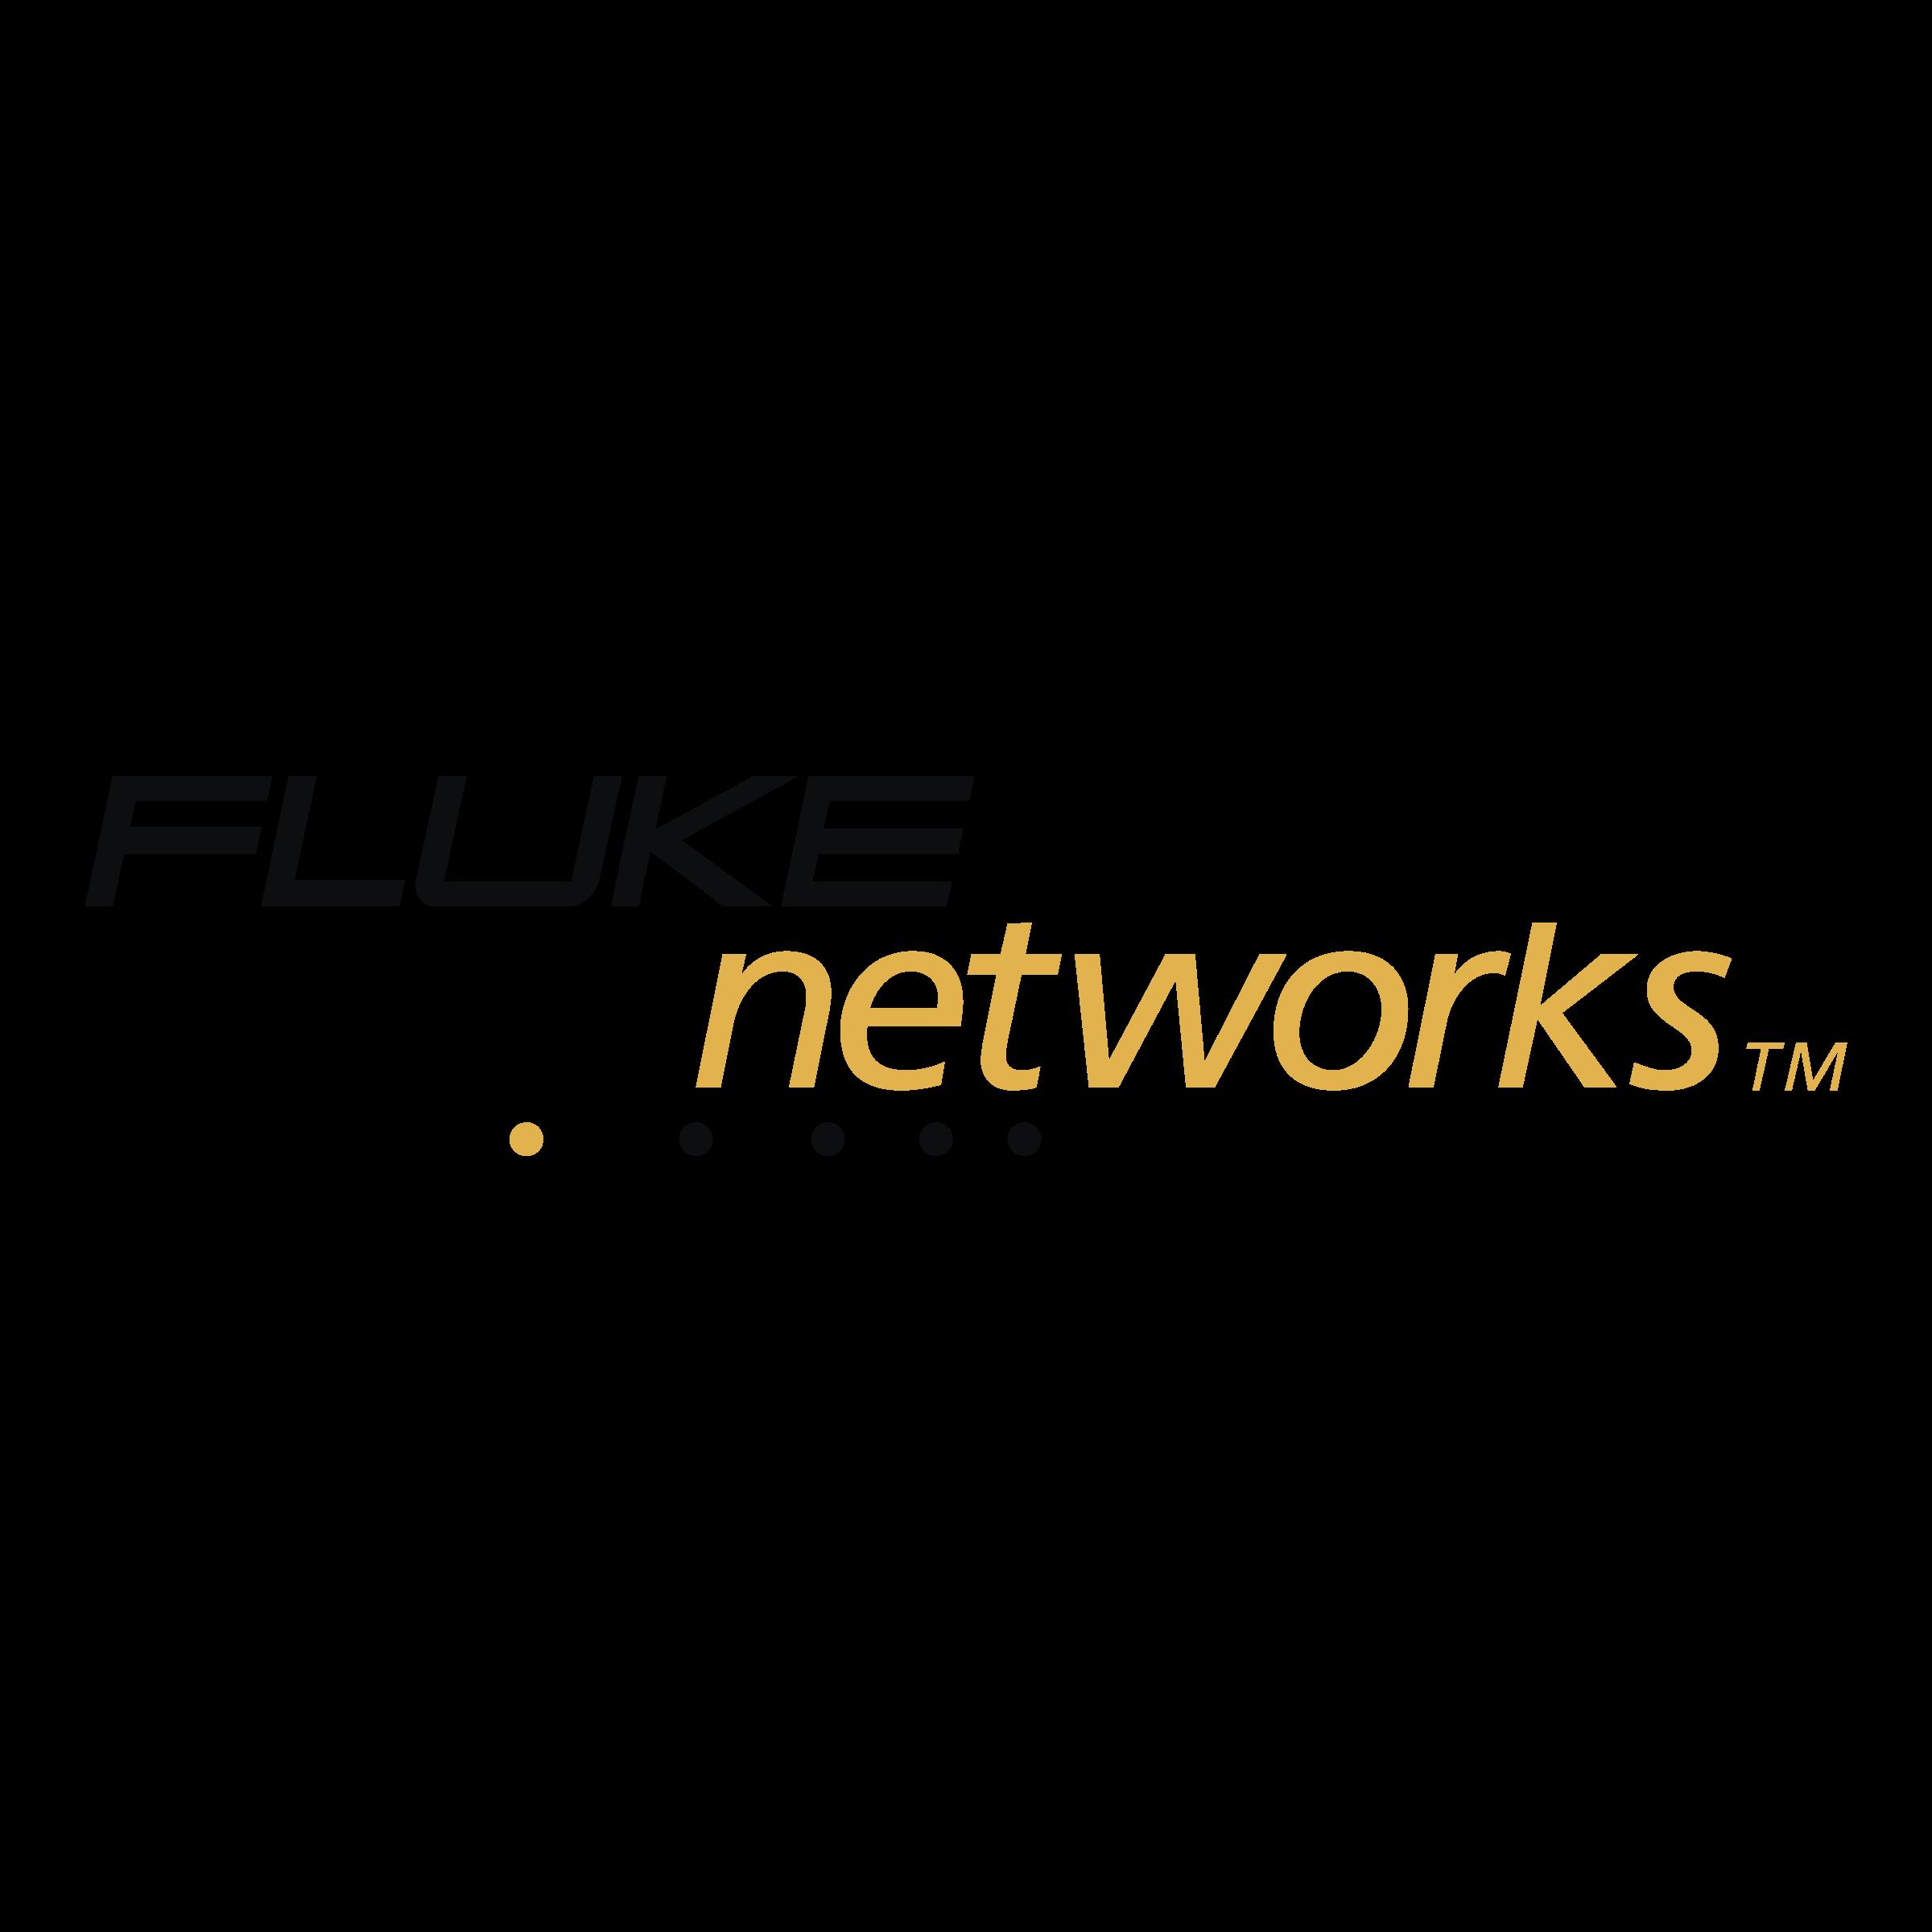 Fluke Networks 5G